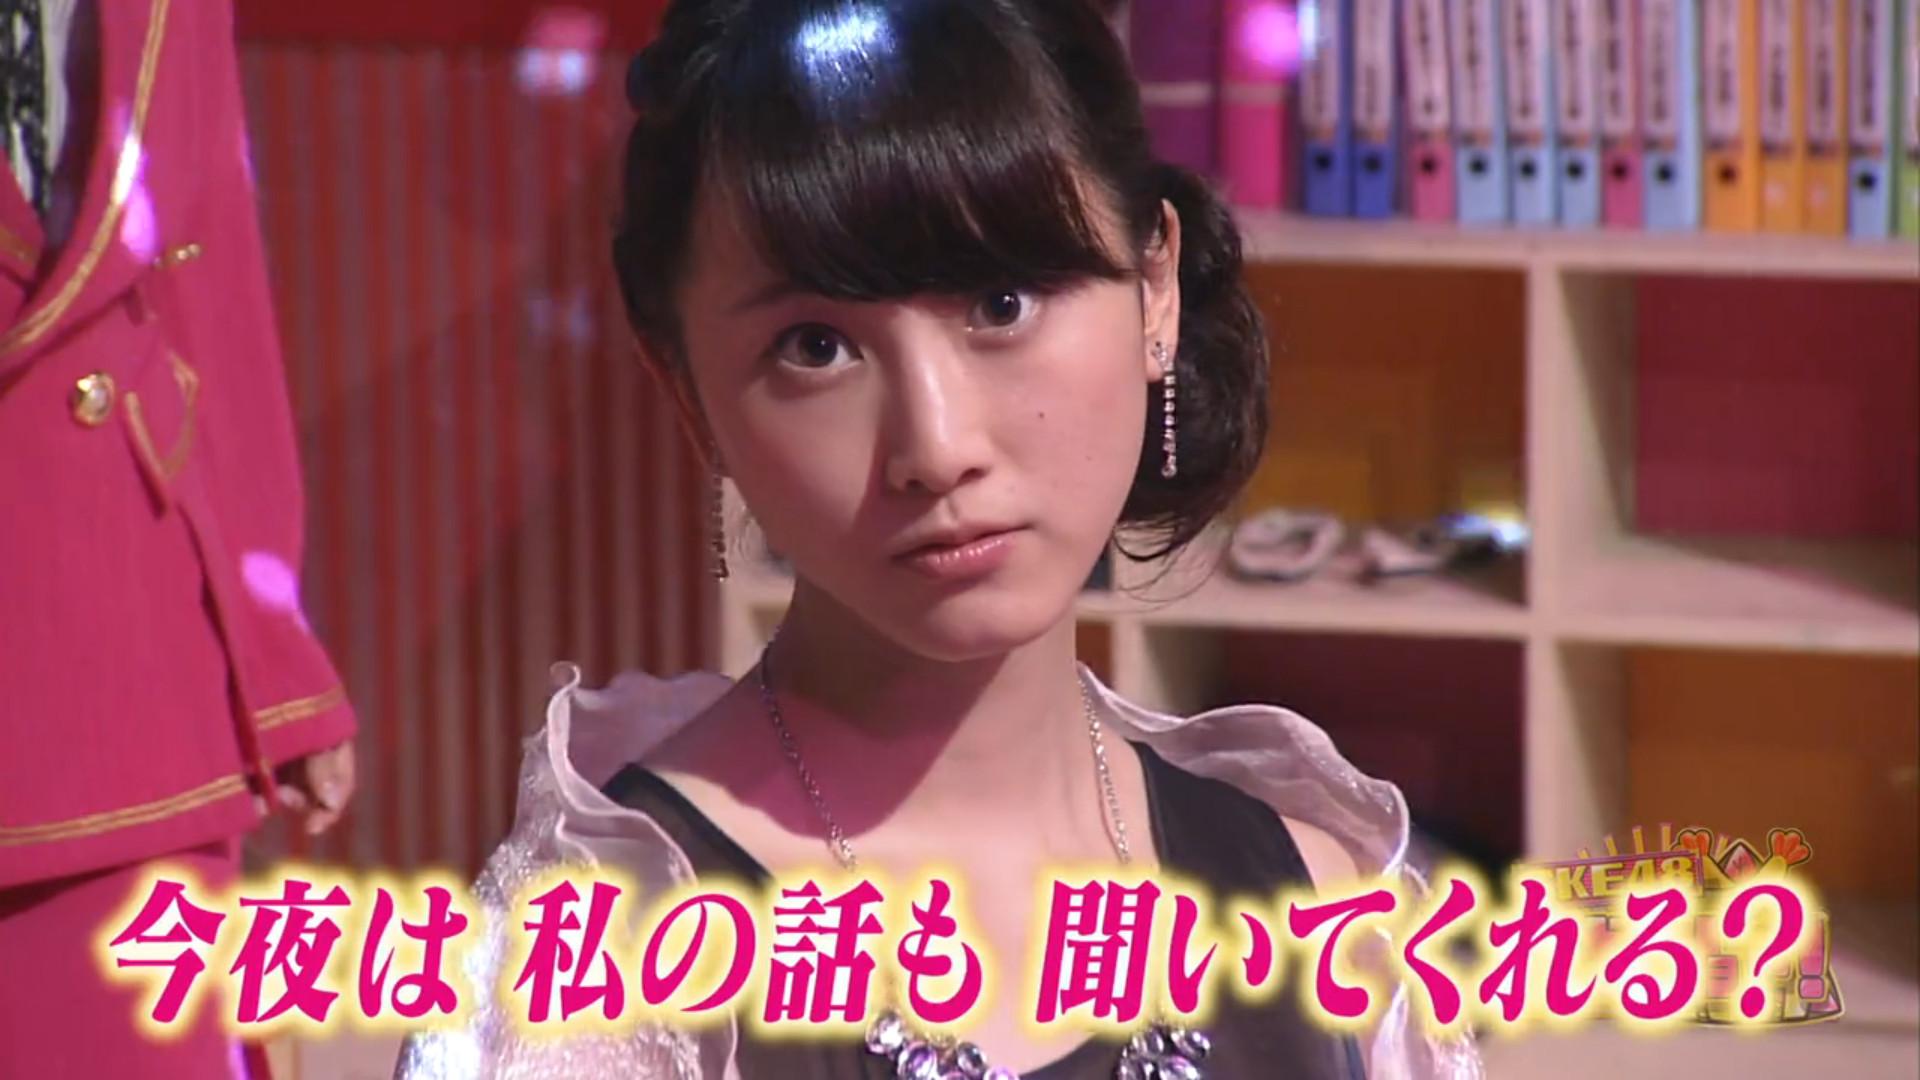 松井玲奈 SKE48エビショー Hulu (1)